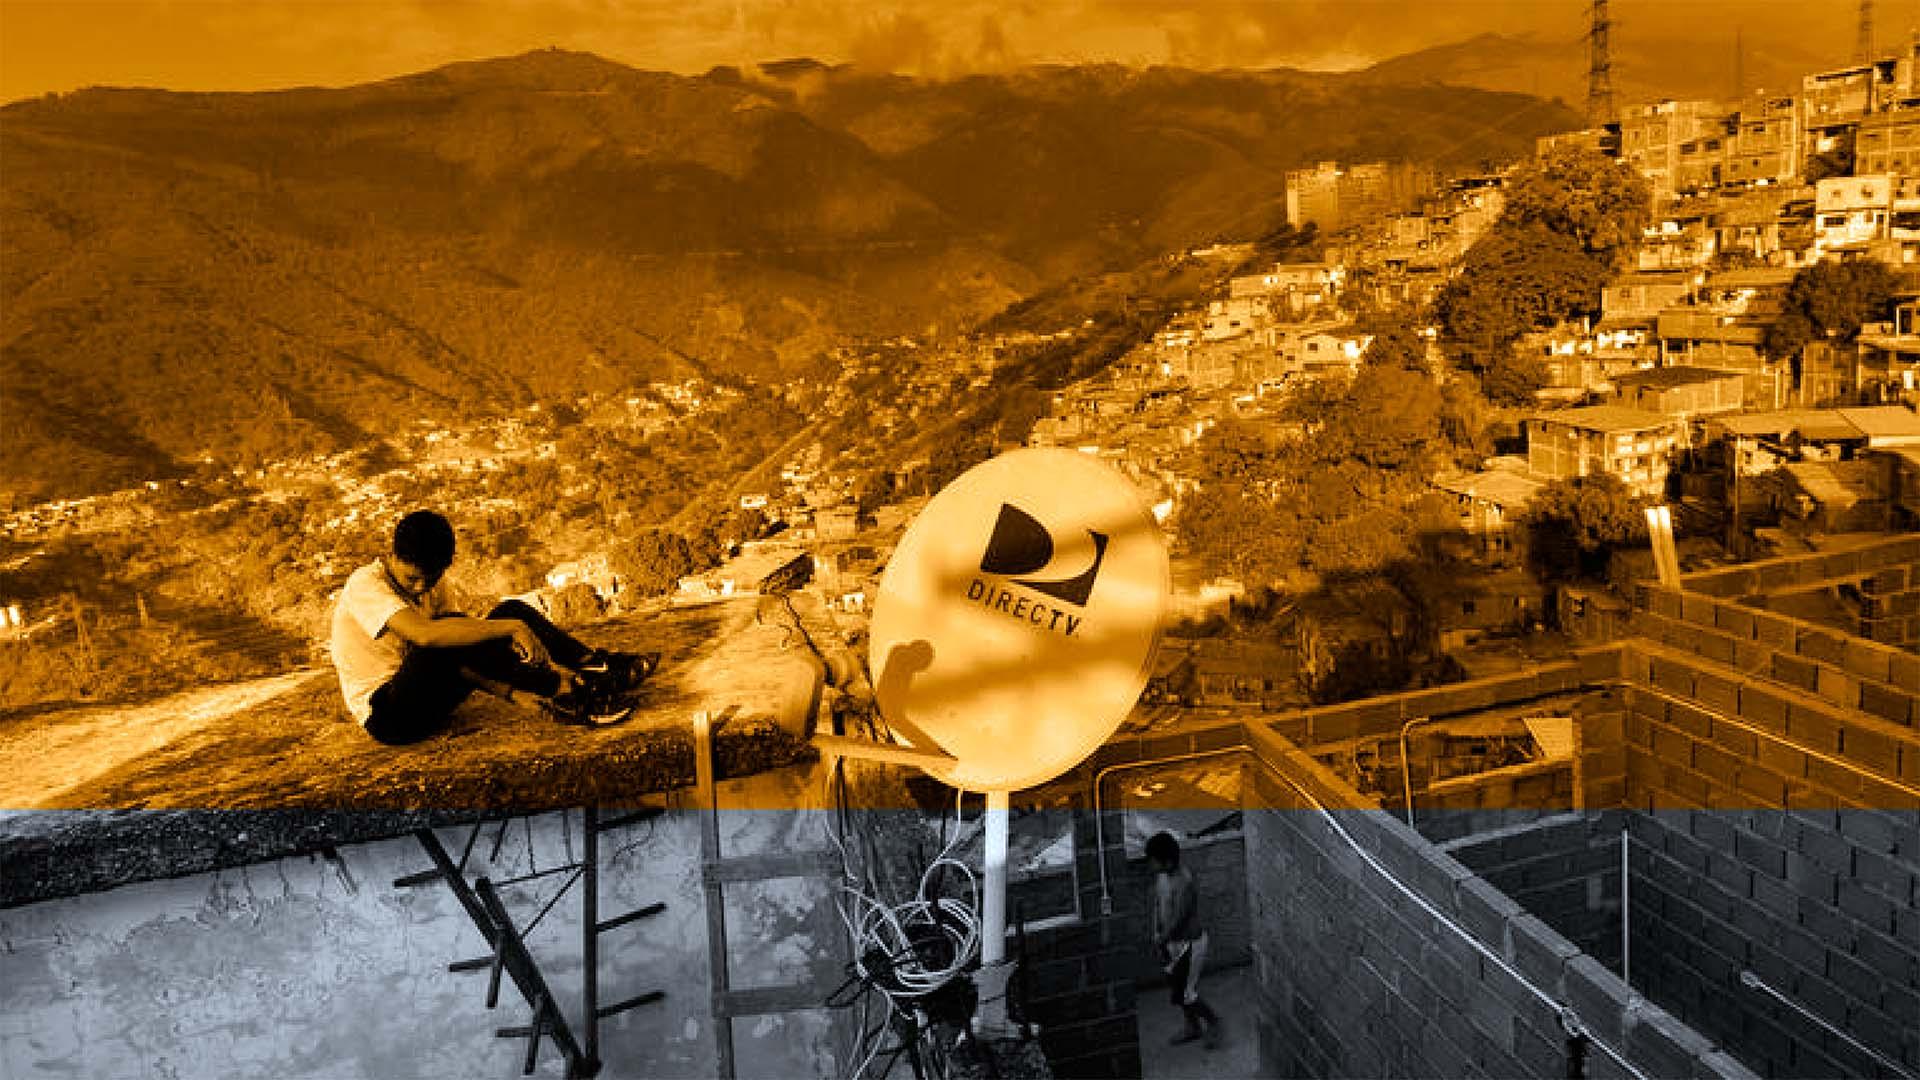 Runrunes de Bocaranda: BAJO - DIRECTV NO ES RCTV DIRECTV NO ES RCTV